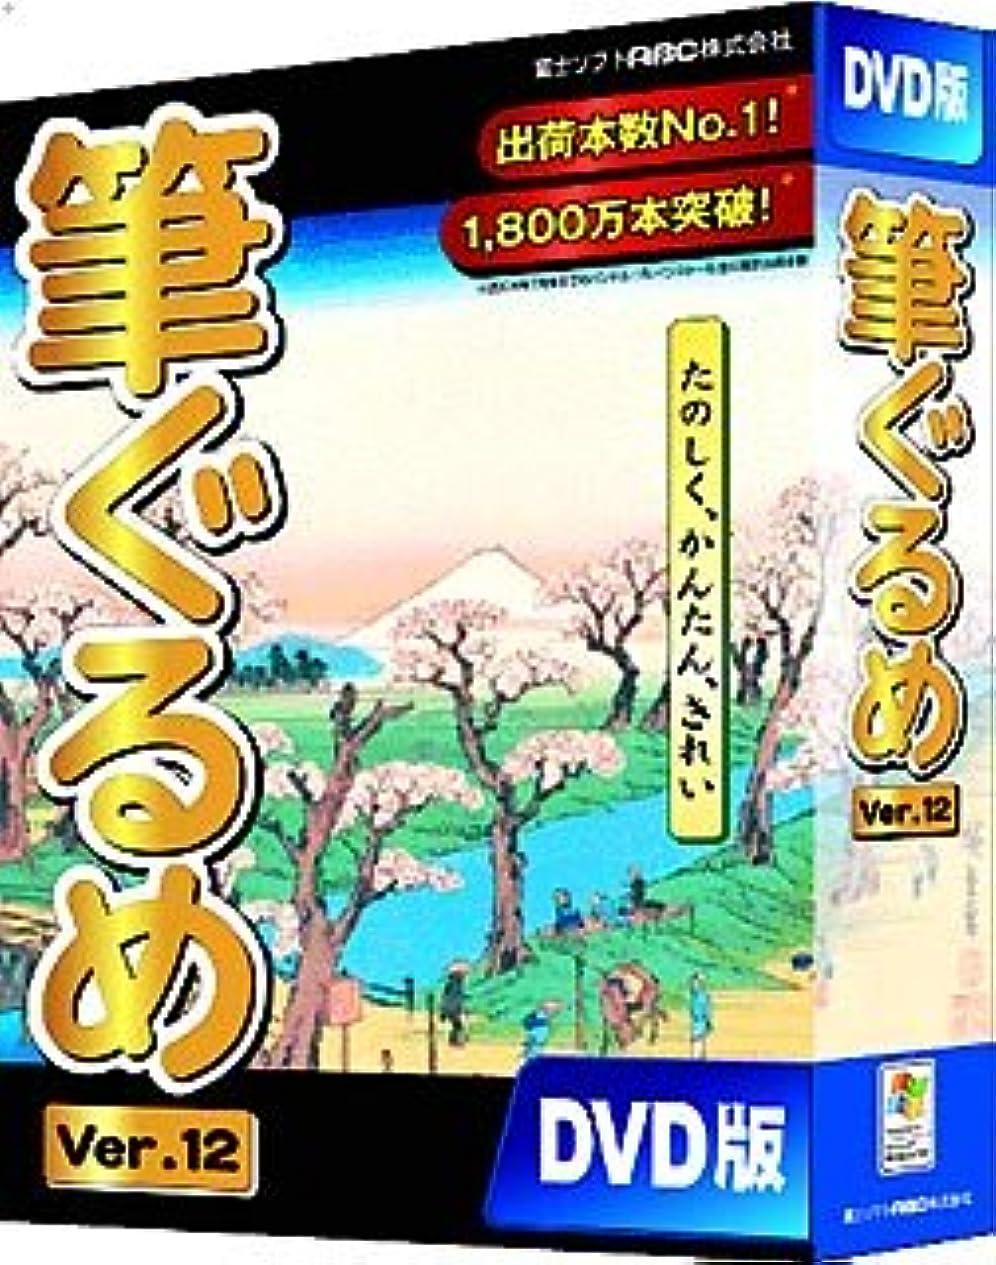 部族あからさま支援筆ぐるめ Ver.12 DVD版